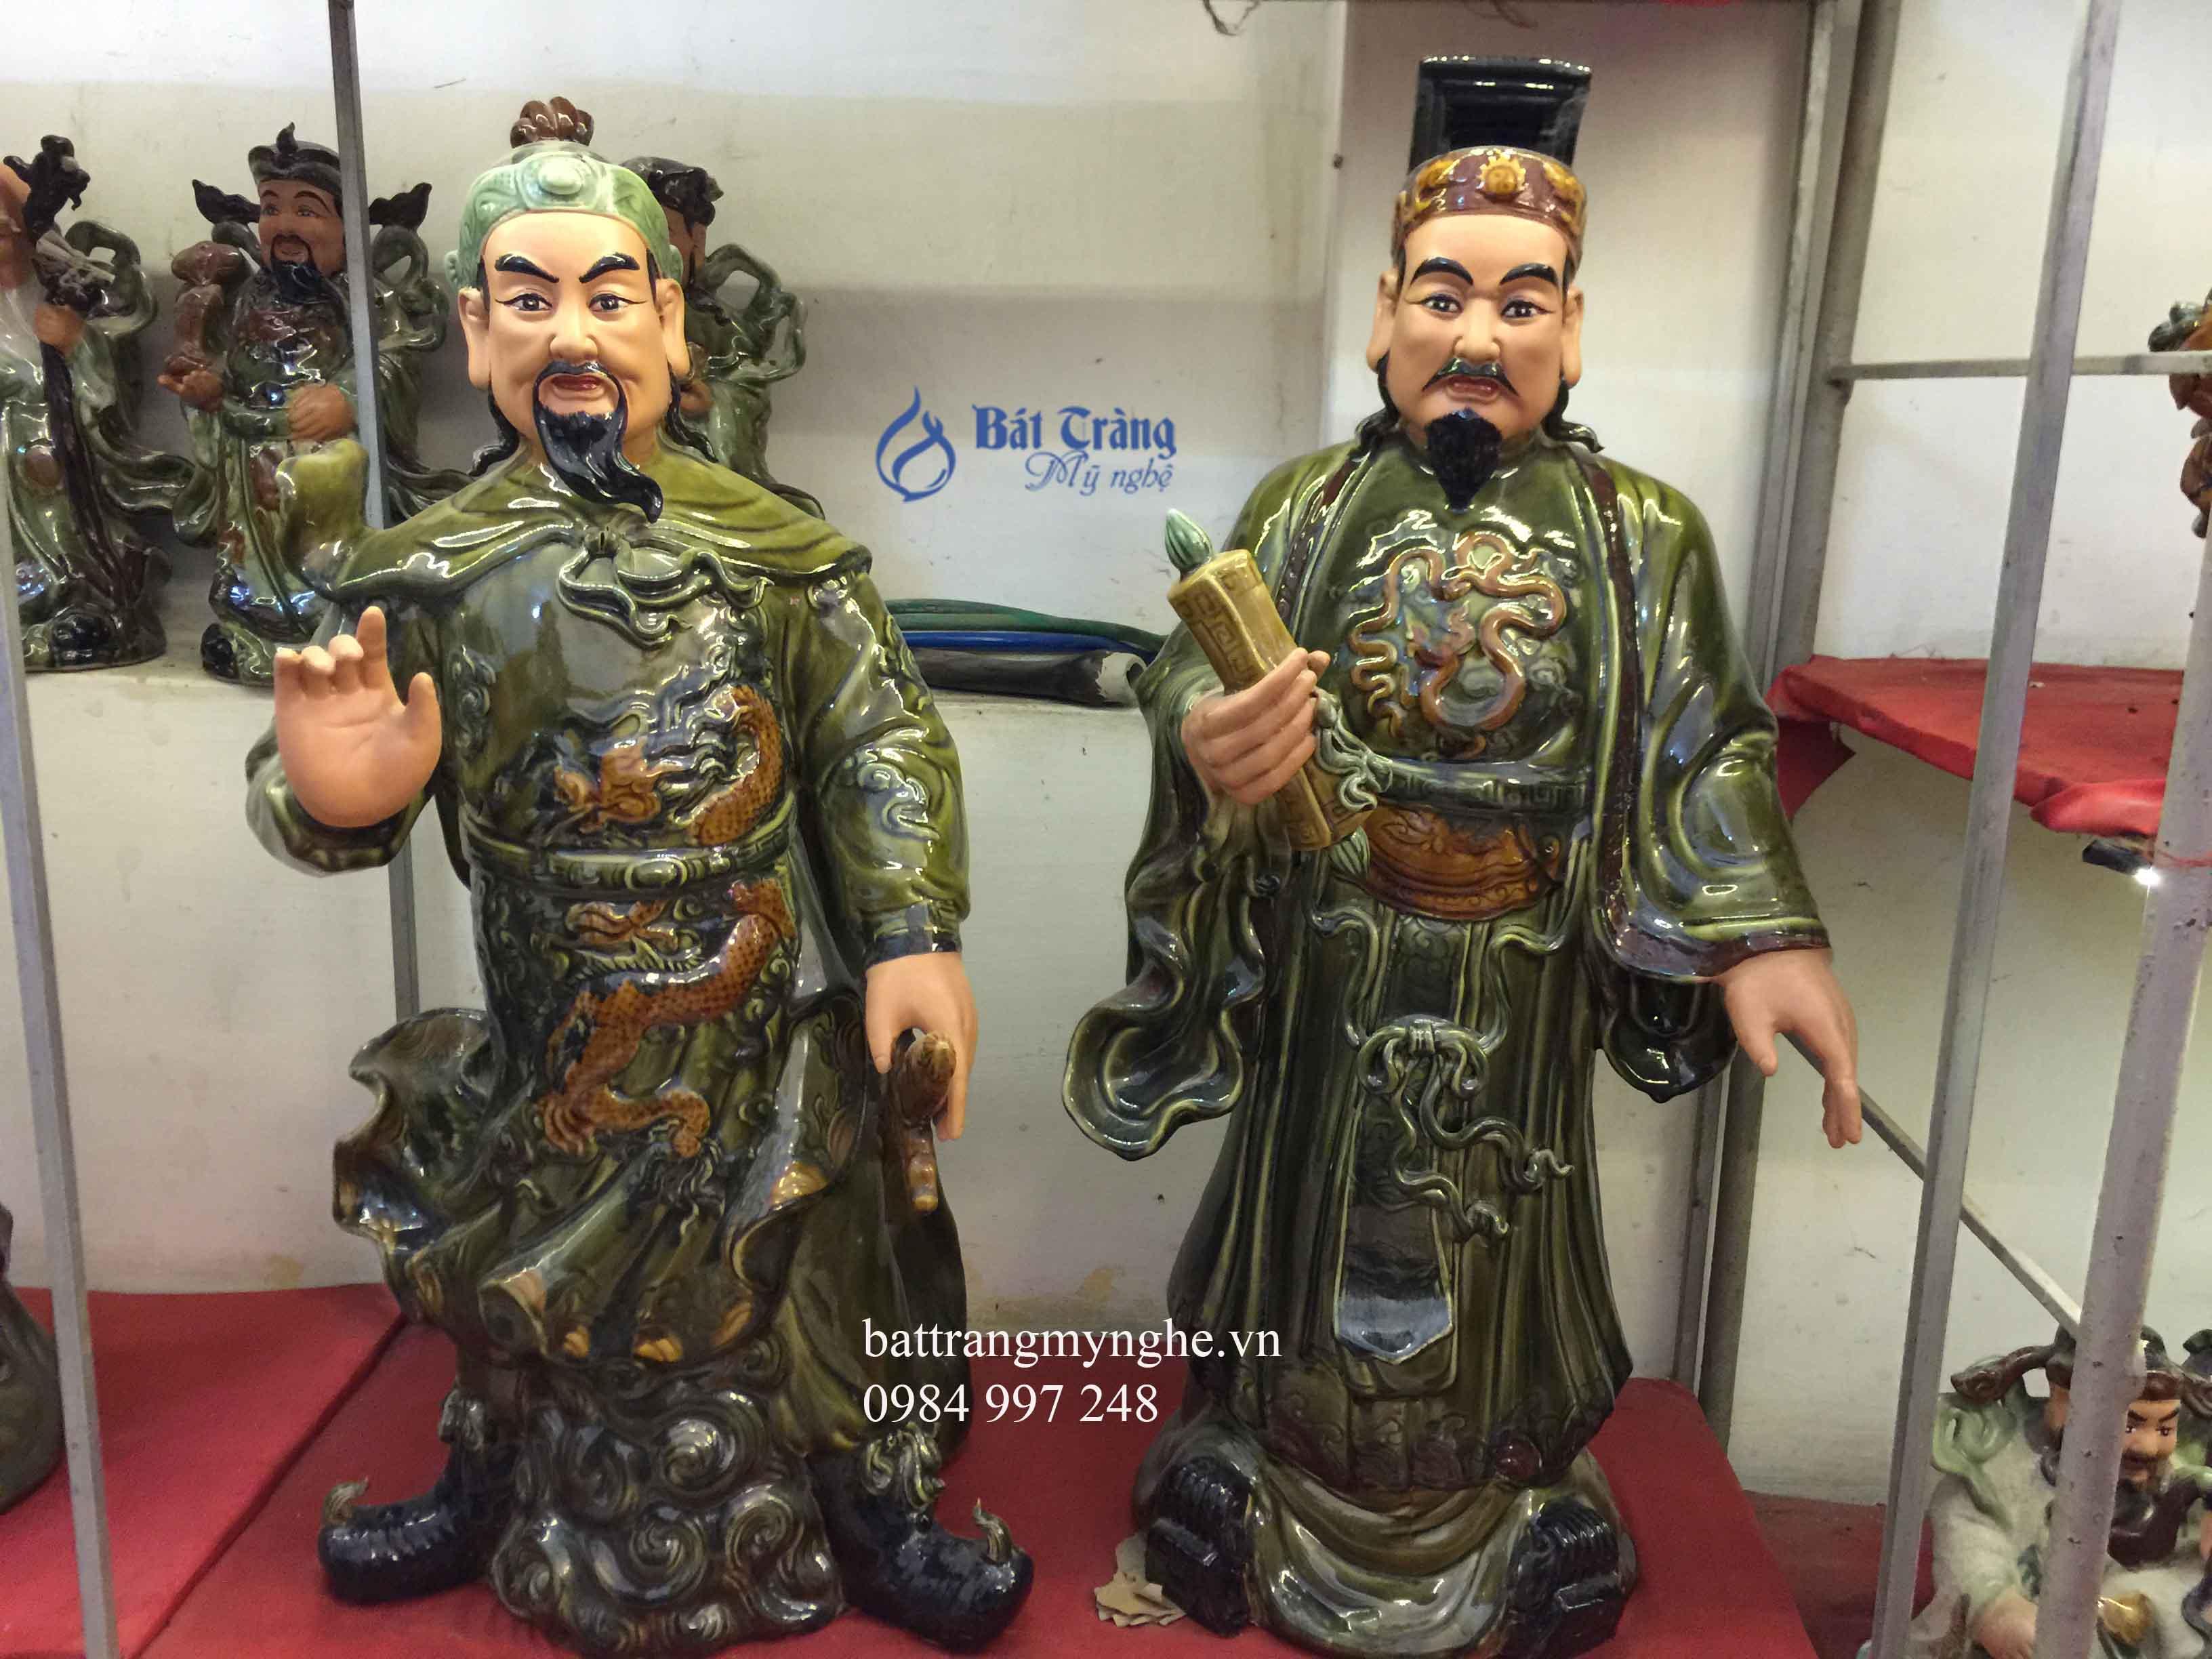 Tượng Trần Quốc Tuấn và Lý Thái Tổ men xanh cao 80cm